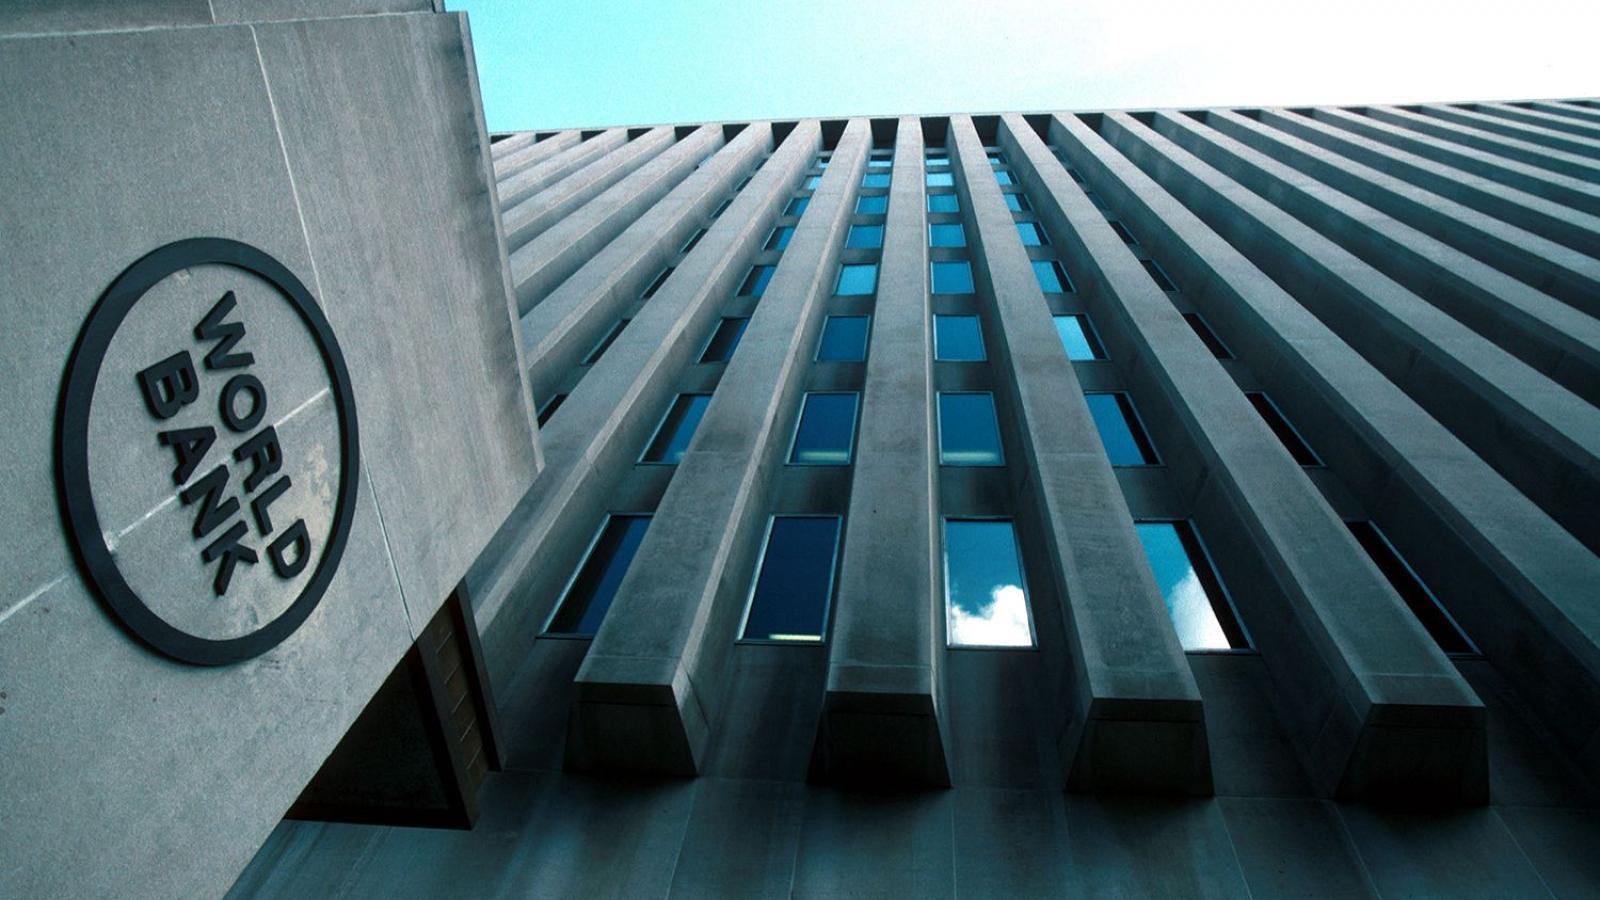 Ngân hàng Thế giới nâng dự báo về suy giảm kinh tế Nga trong năm 2020